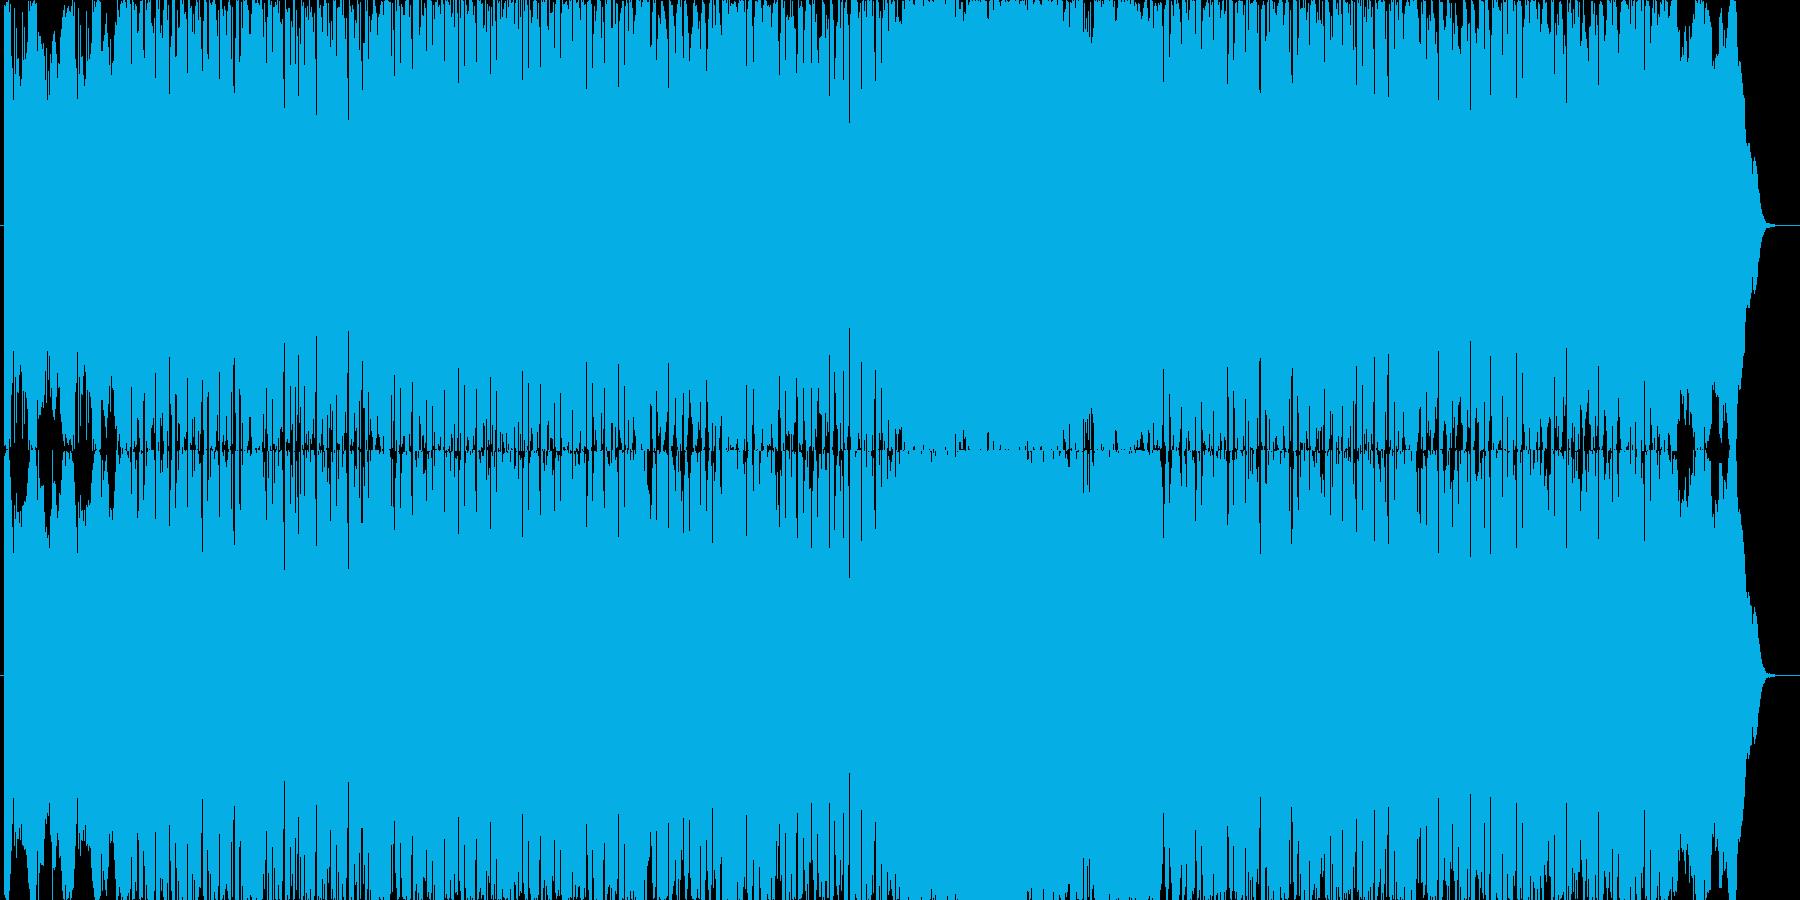 曲のタイトル通りChaos(混沌)をイ…の再生済みの波形